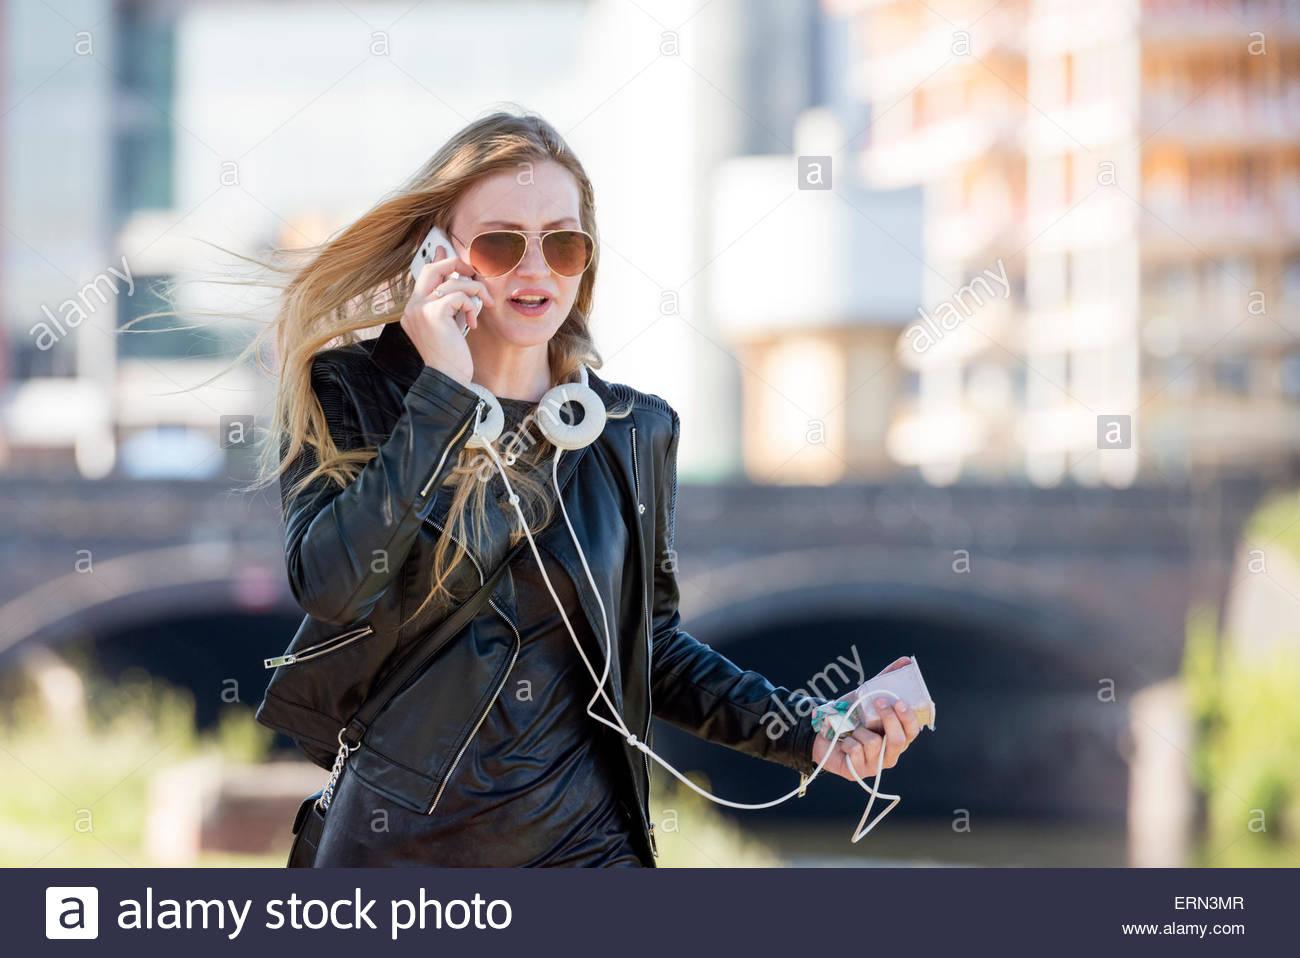 Giovane donna bionda a parlare su un telefono cellulare mentre camminando per la strada a Cardiff, nel Galles, UK. Immagini Stock